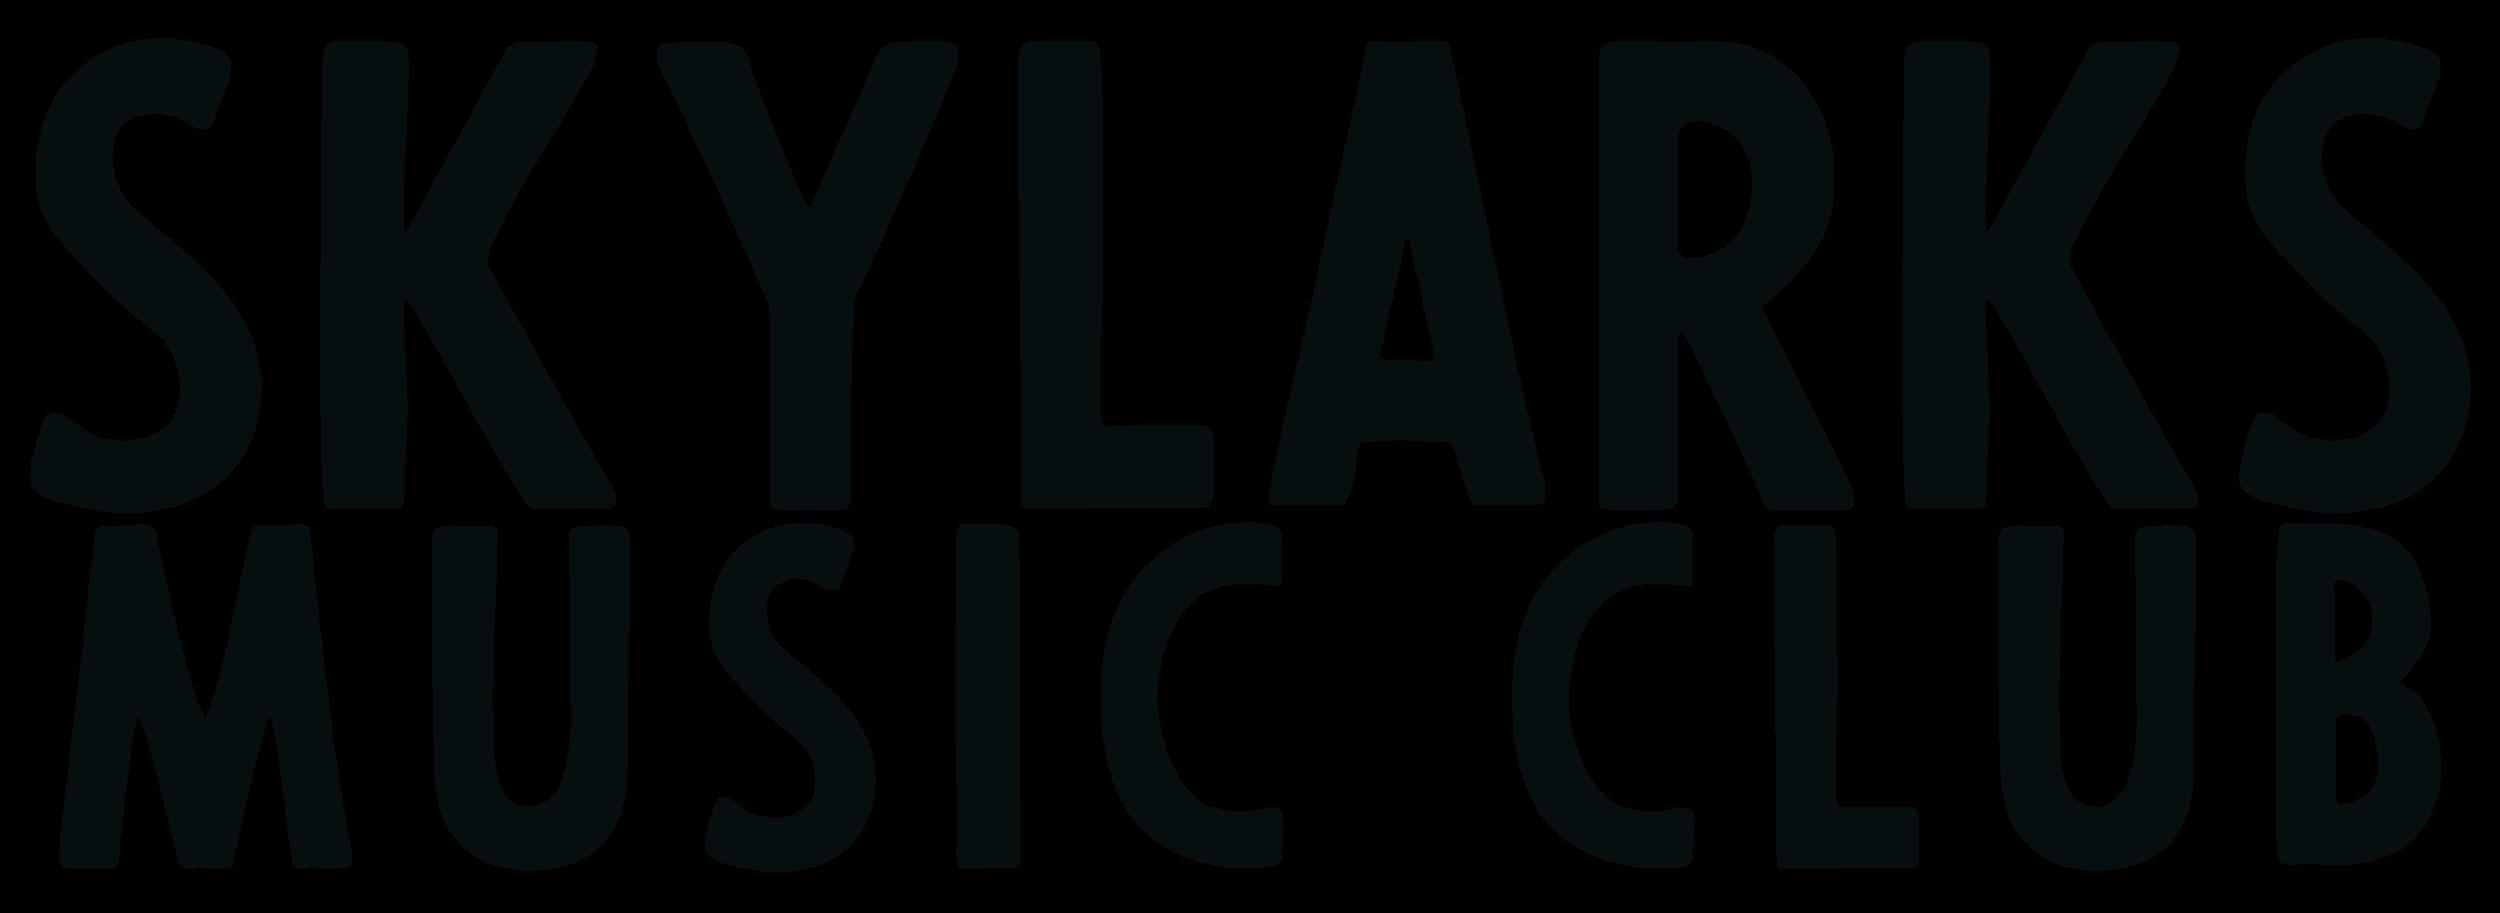 Skylarks Music Club Lauren Varian Design